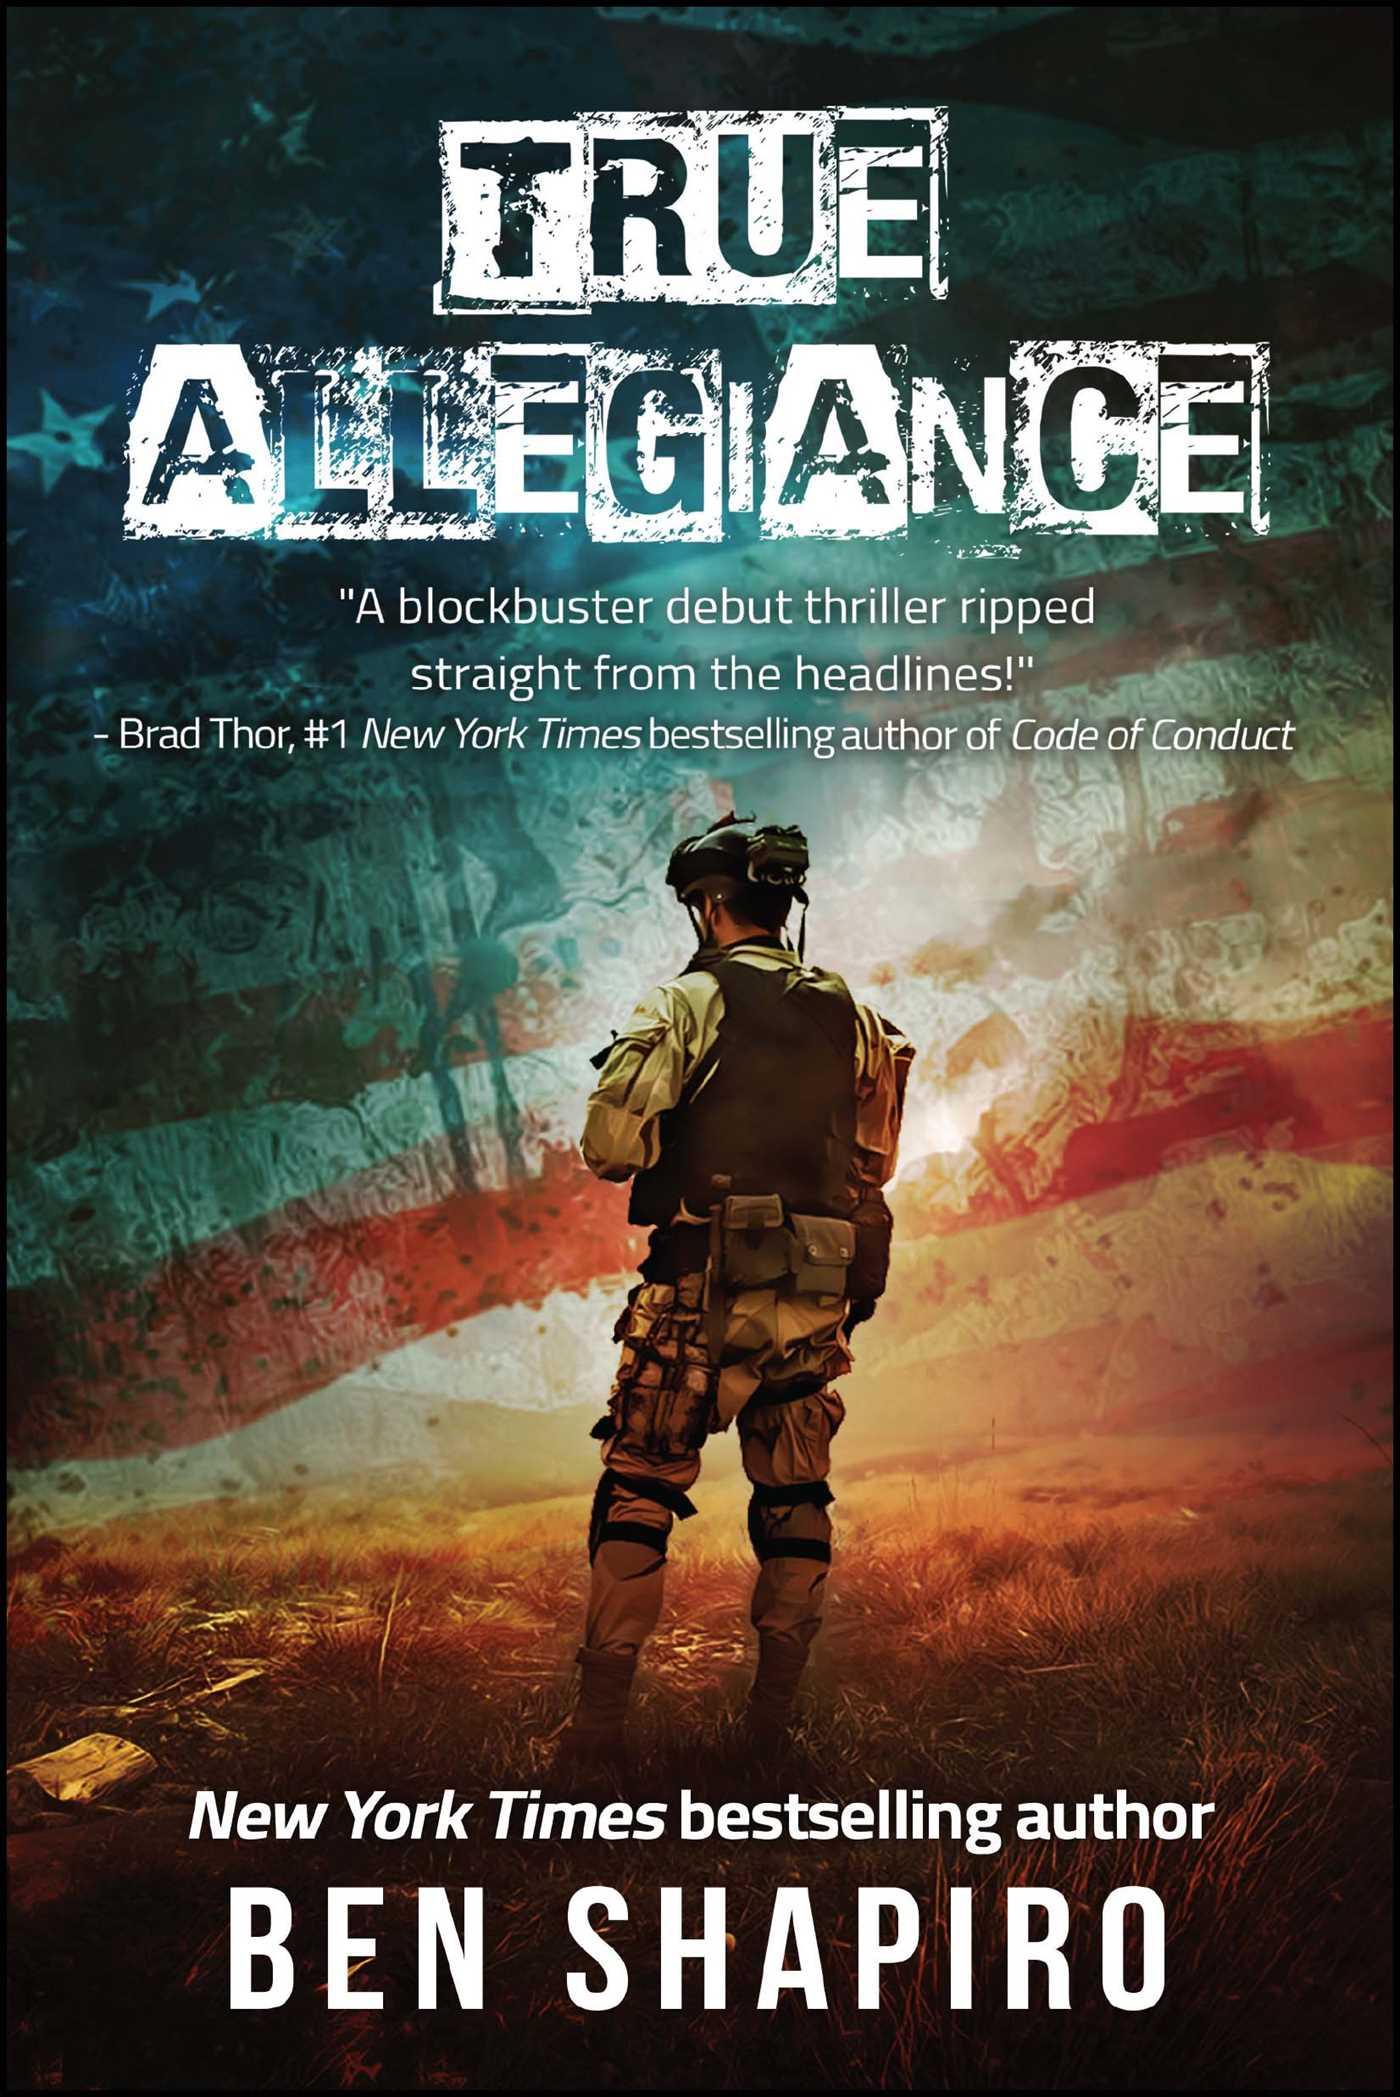 True allegiance 9781682613320 hr